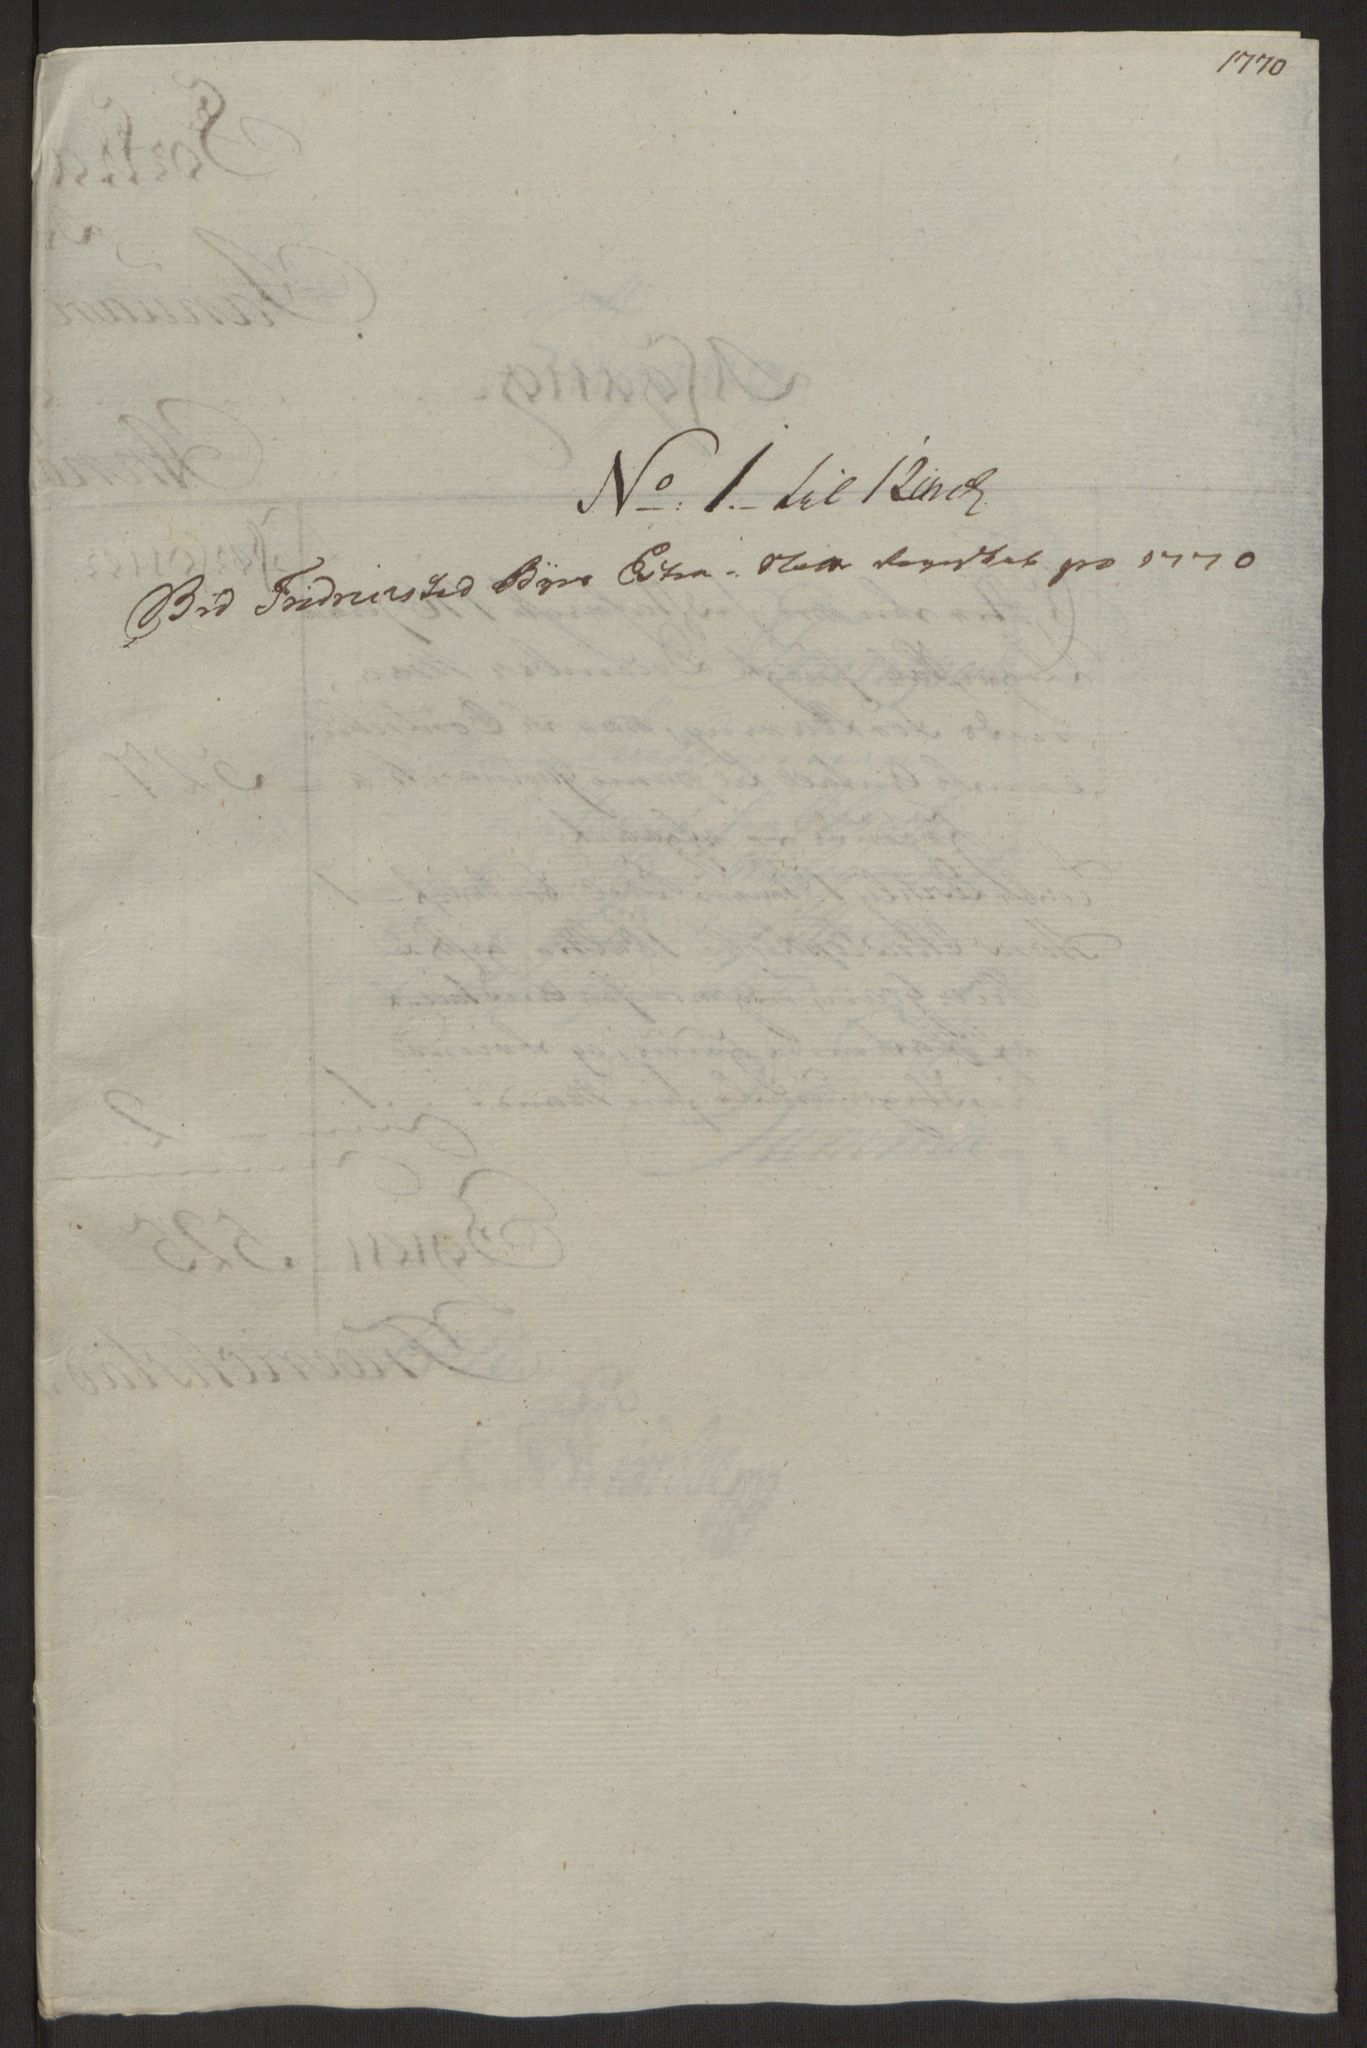 RA, Rentekammeret inntil 1814, Reviderte regnskaper, Byregnskaper, R/Rb/L0029: [B3] Kontribusjonsregnskap, 1762-1772, s. 343